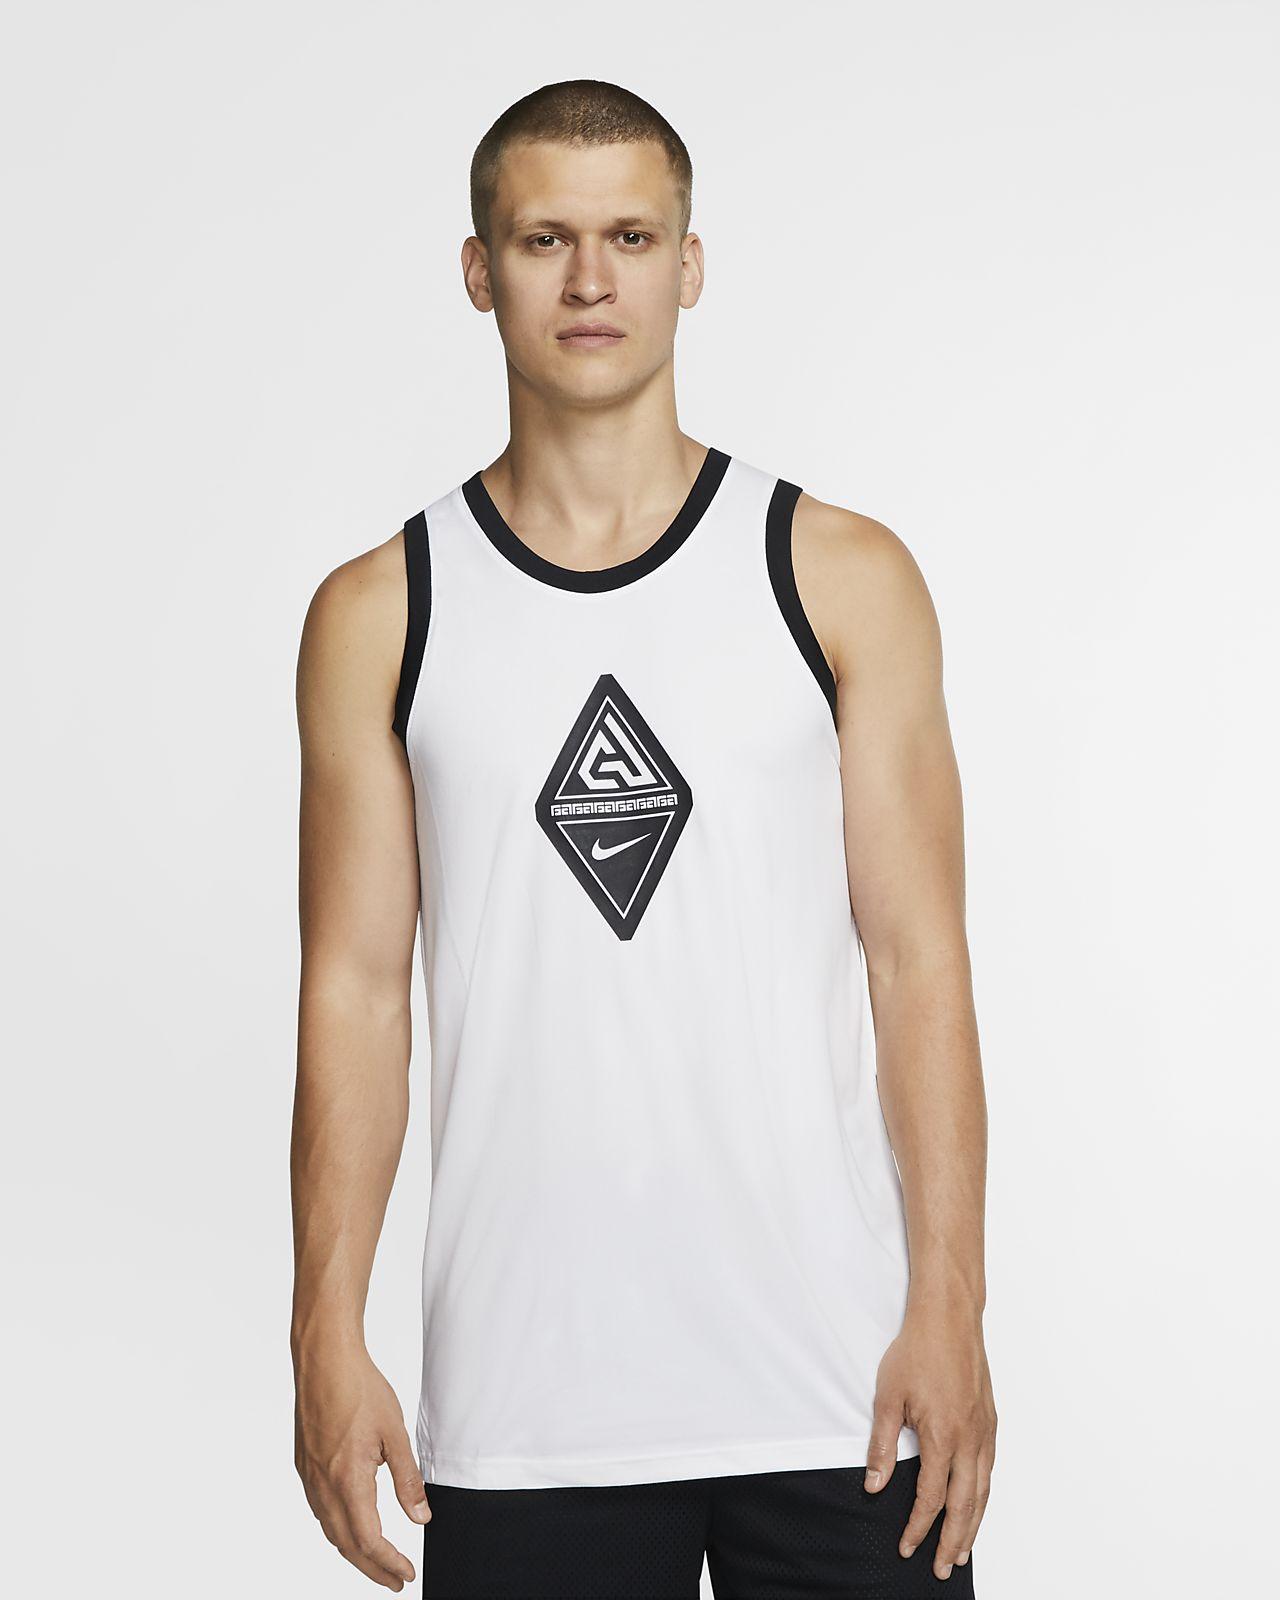 Ανδρική αμάνικη φανέλα μπάσκετ με λογότυπο Giannis